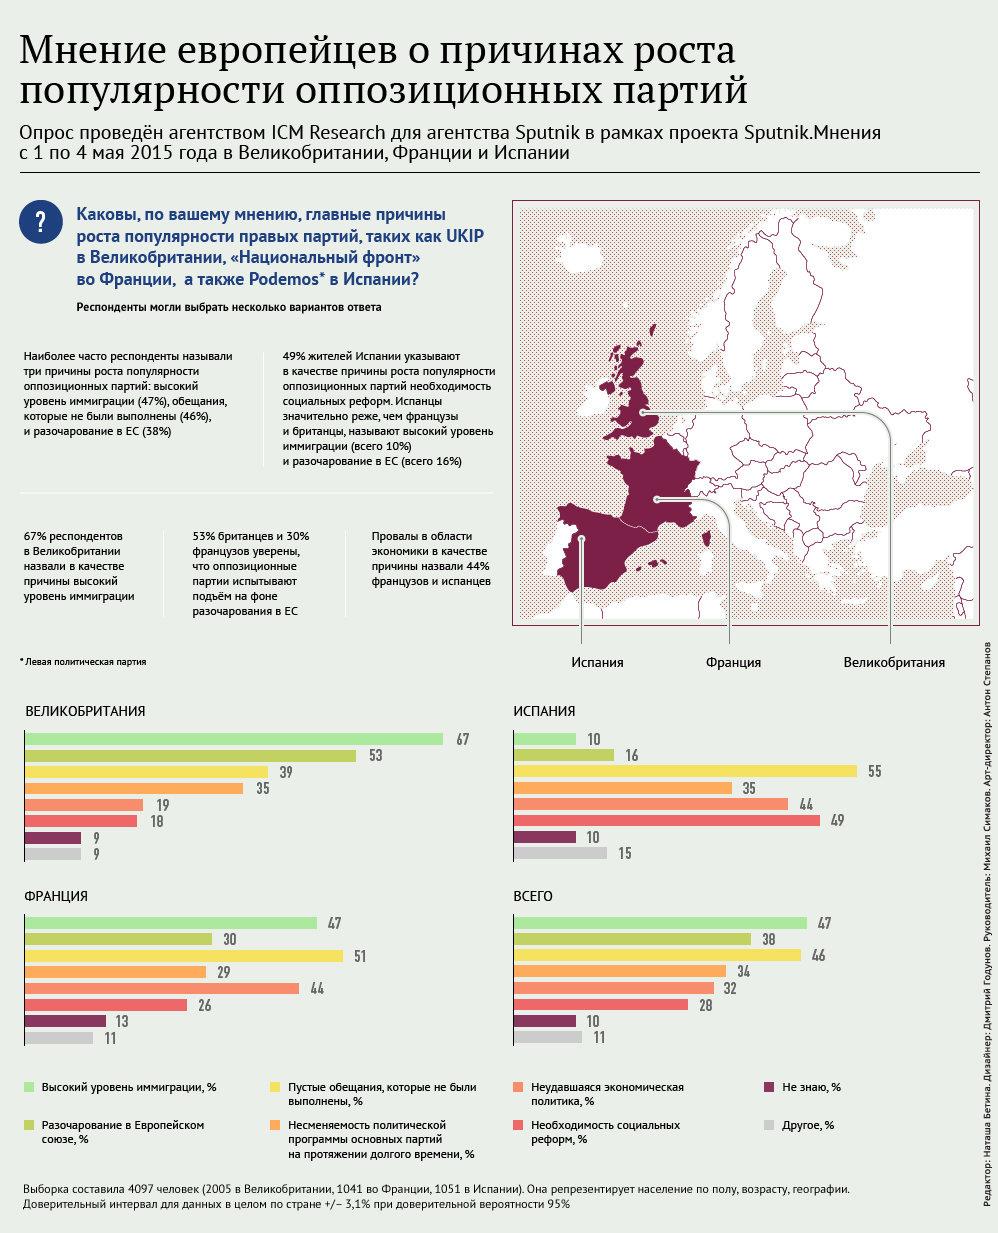 Опрос: европейцы о росте популярности оппозиционных партий - Sputnik Таджикистан